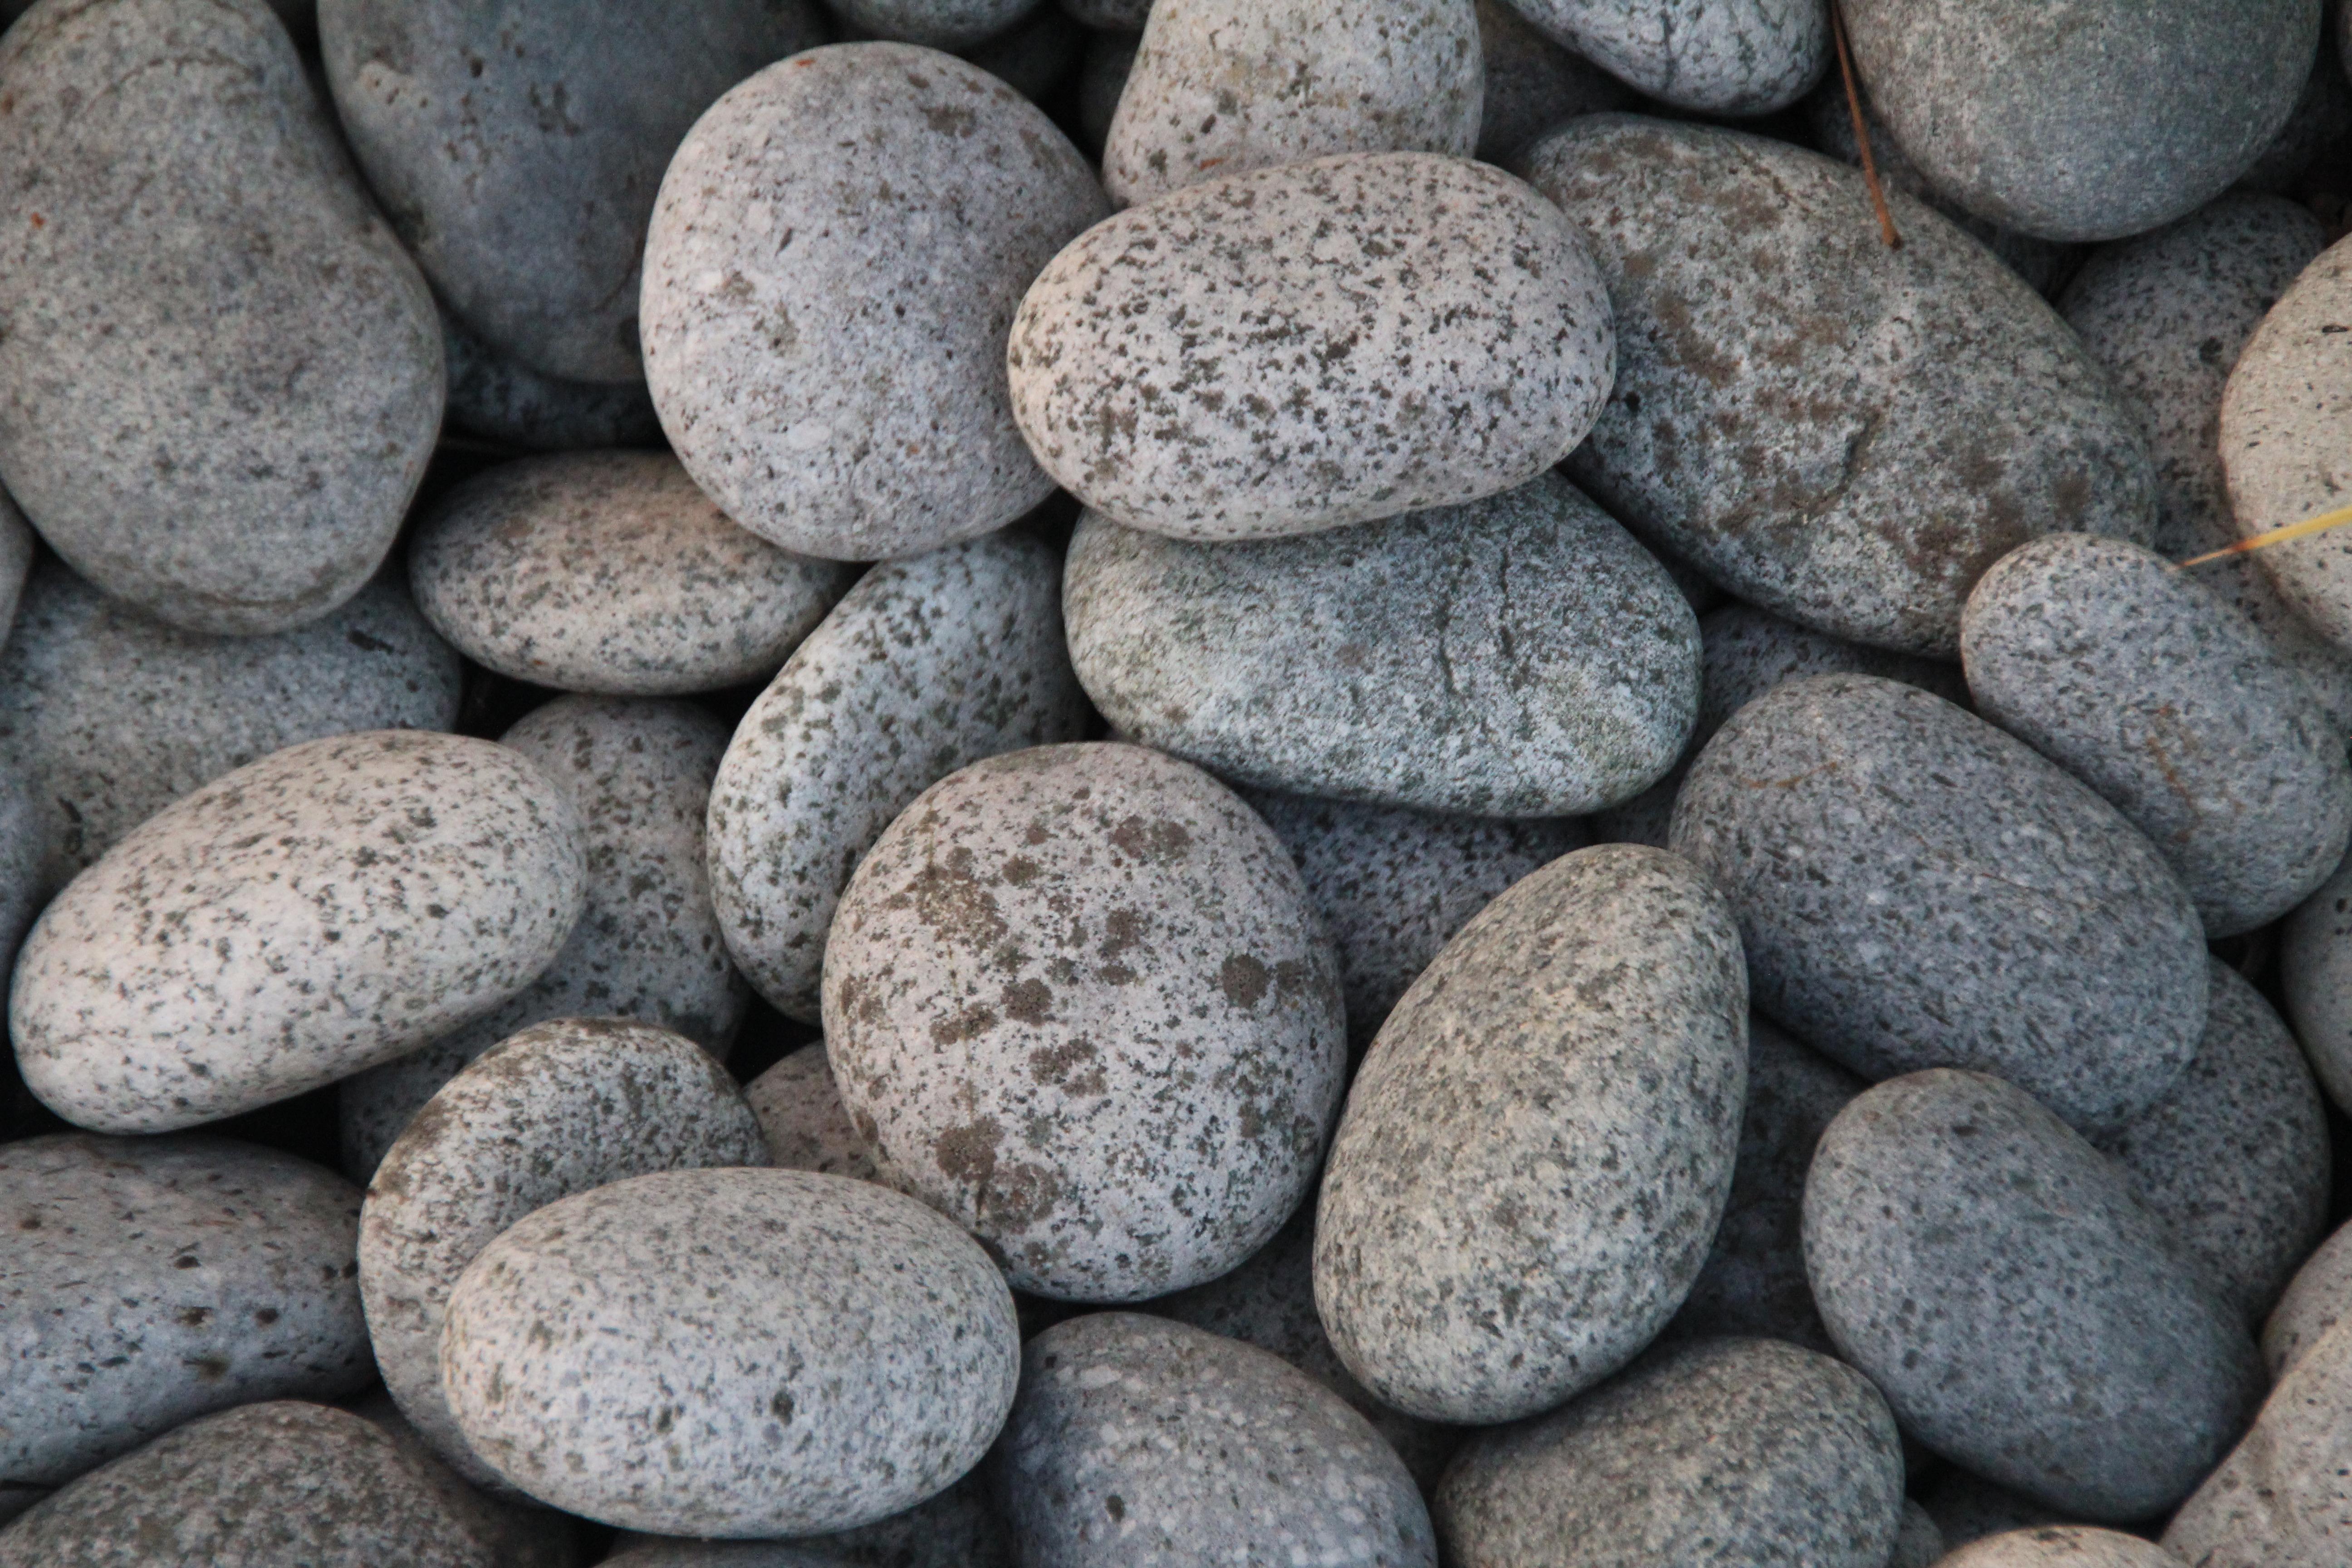 kostenlose foto strand wasser rock kopfstein kieselstein boden garten material steine. Black Bedroom Furniture Sets. Home Design Ideas